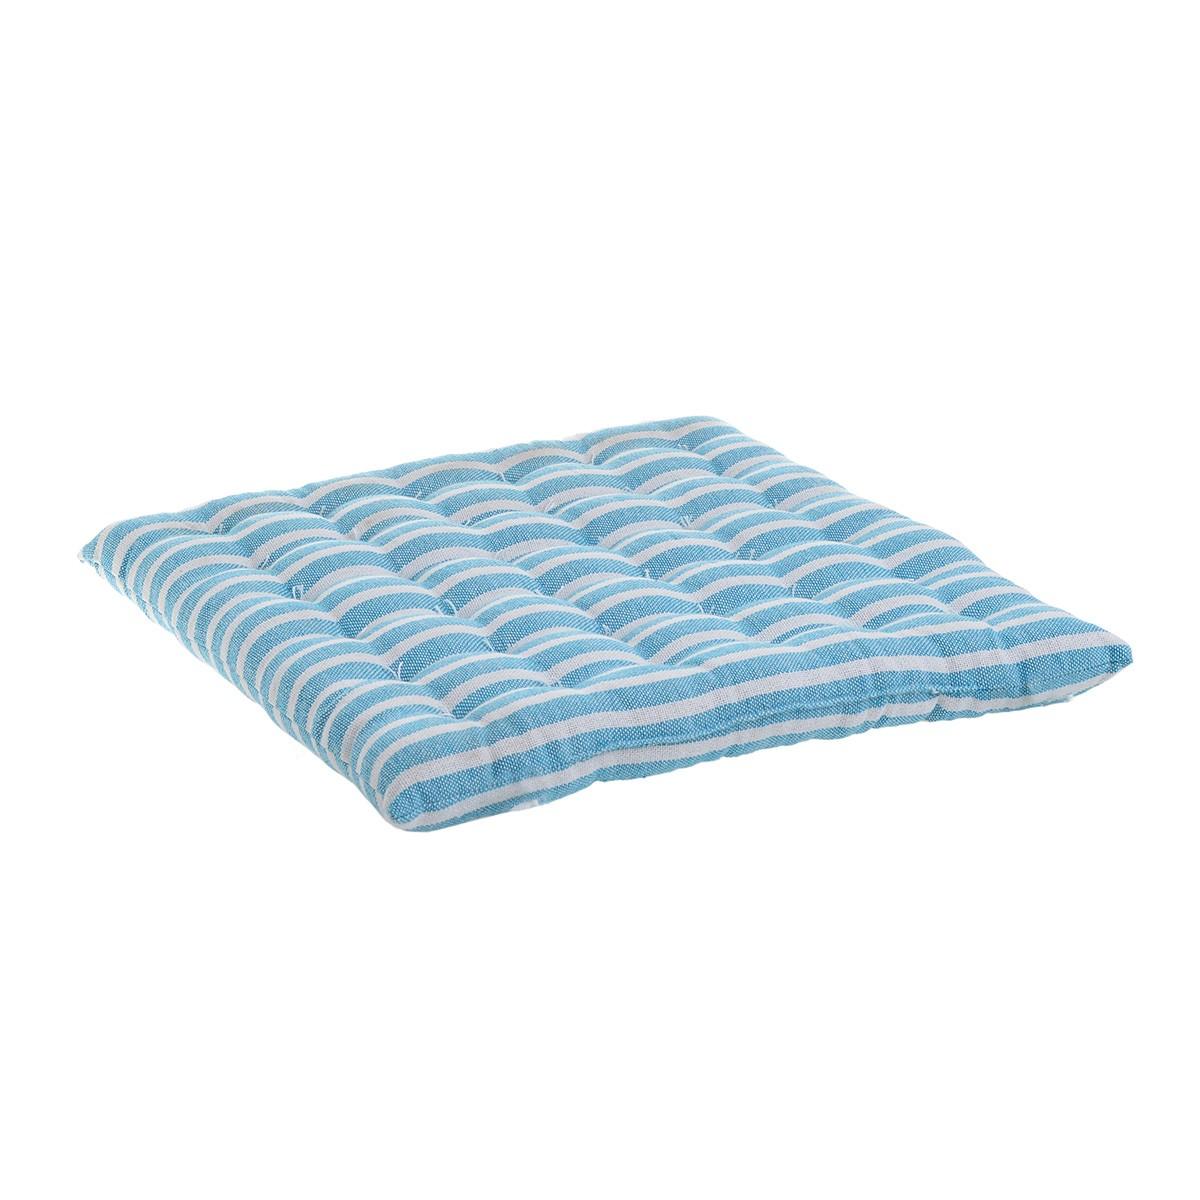 Μαξιλάρι Καρέκλας Stripes Turquoise 6-40-807-0010